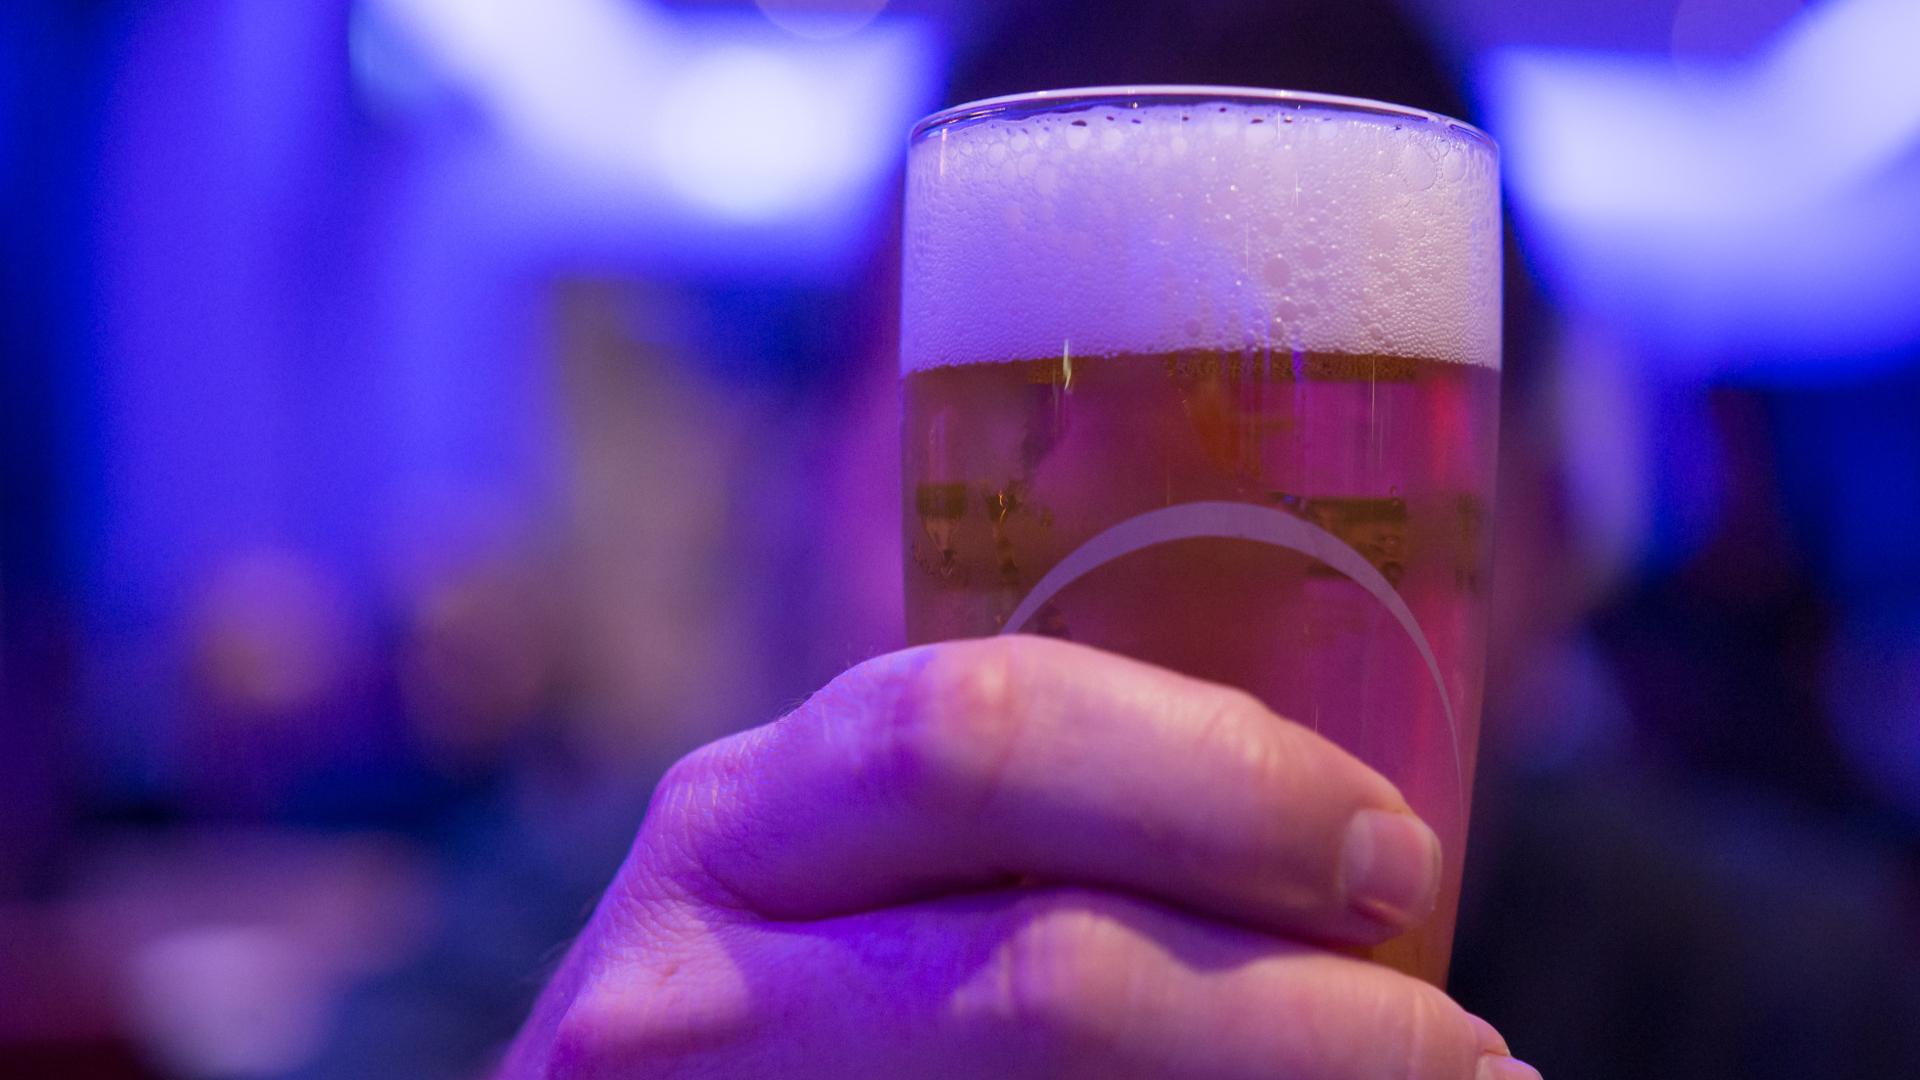 cerveza-y-vino-tanto-en -dias-laborables-como-en-fin-de-semana-1920